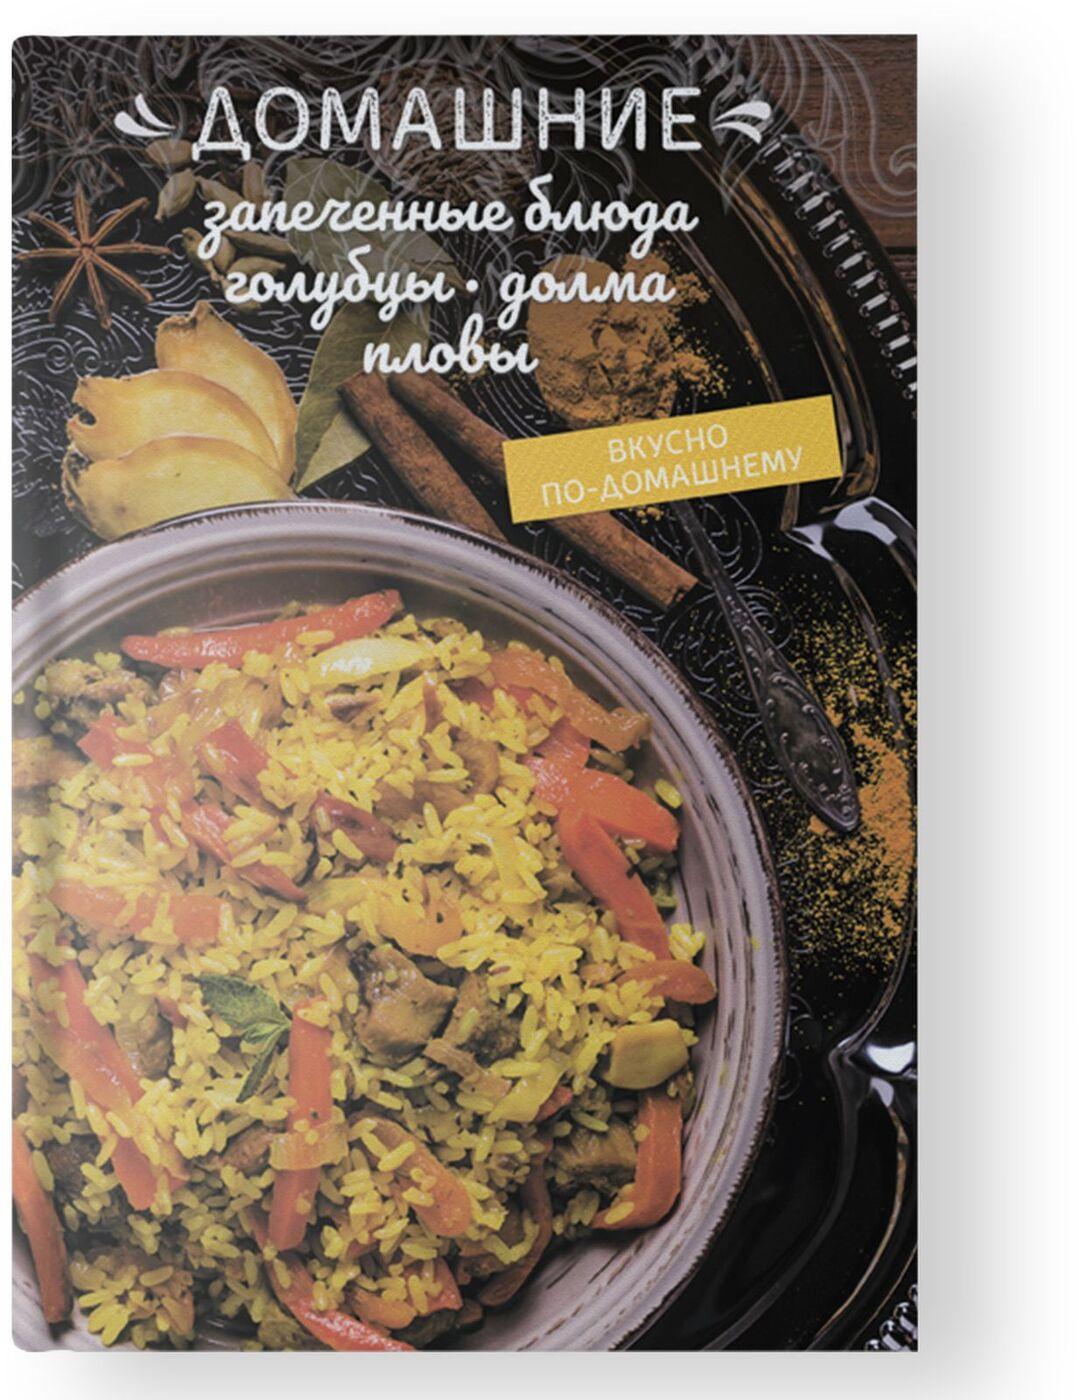 Домашние запеченные блюда, голубцы, долма, пловы | Краснова Олеся